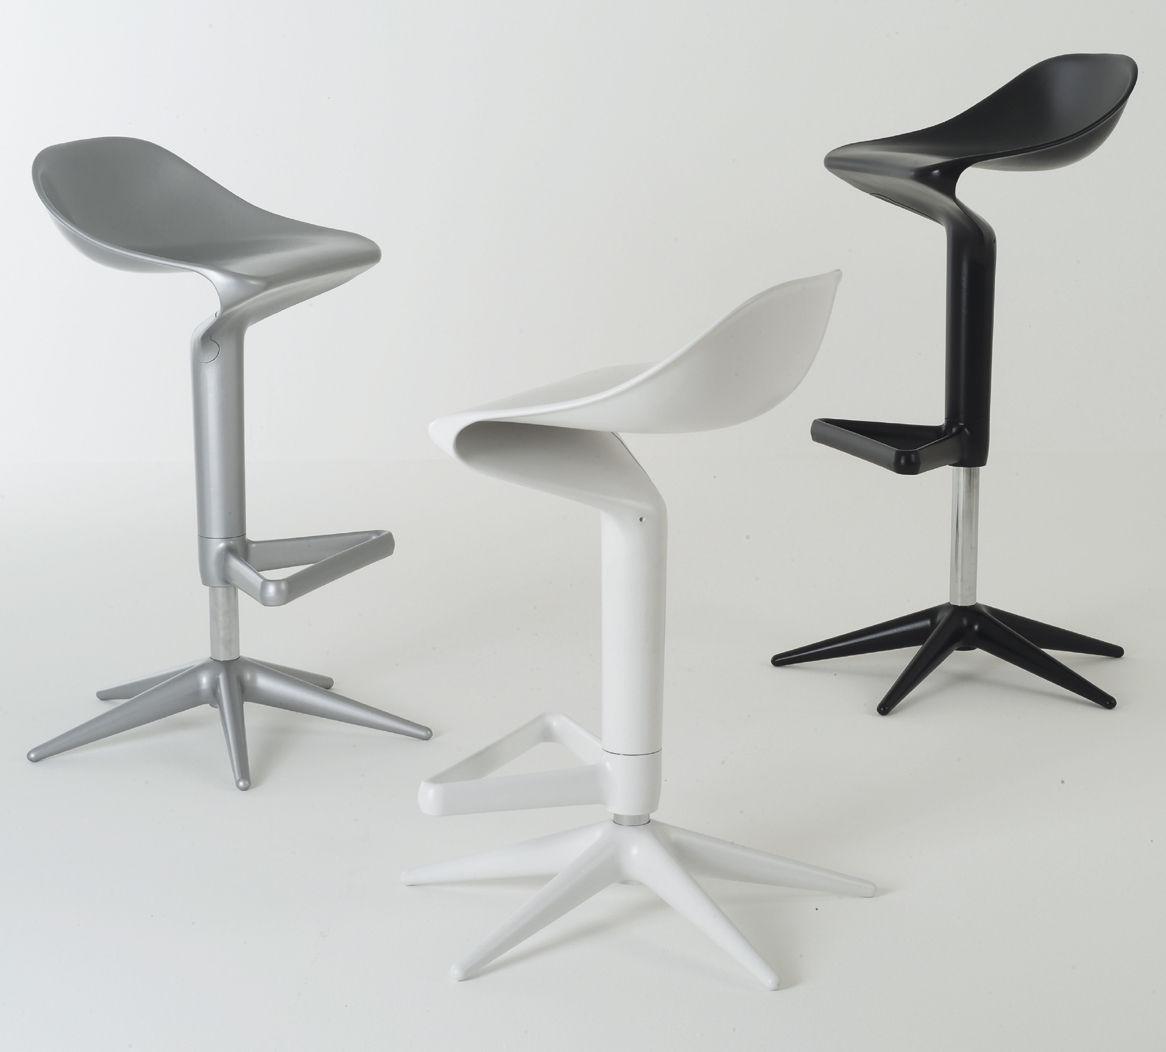 tabouret haut r glable spoon pivotant plastique noir kartell made in design. Black Bedroom Furniture Sets. Home Design Ideas